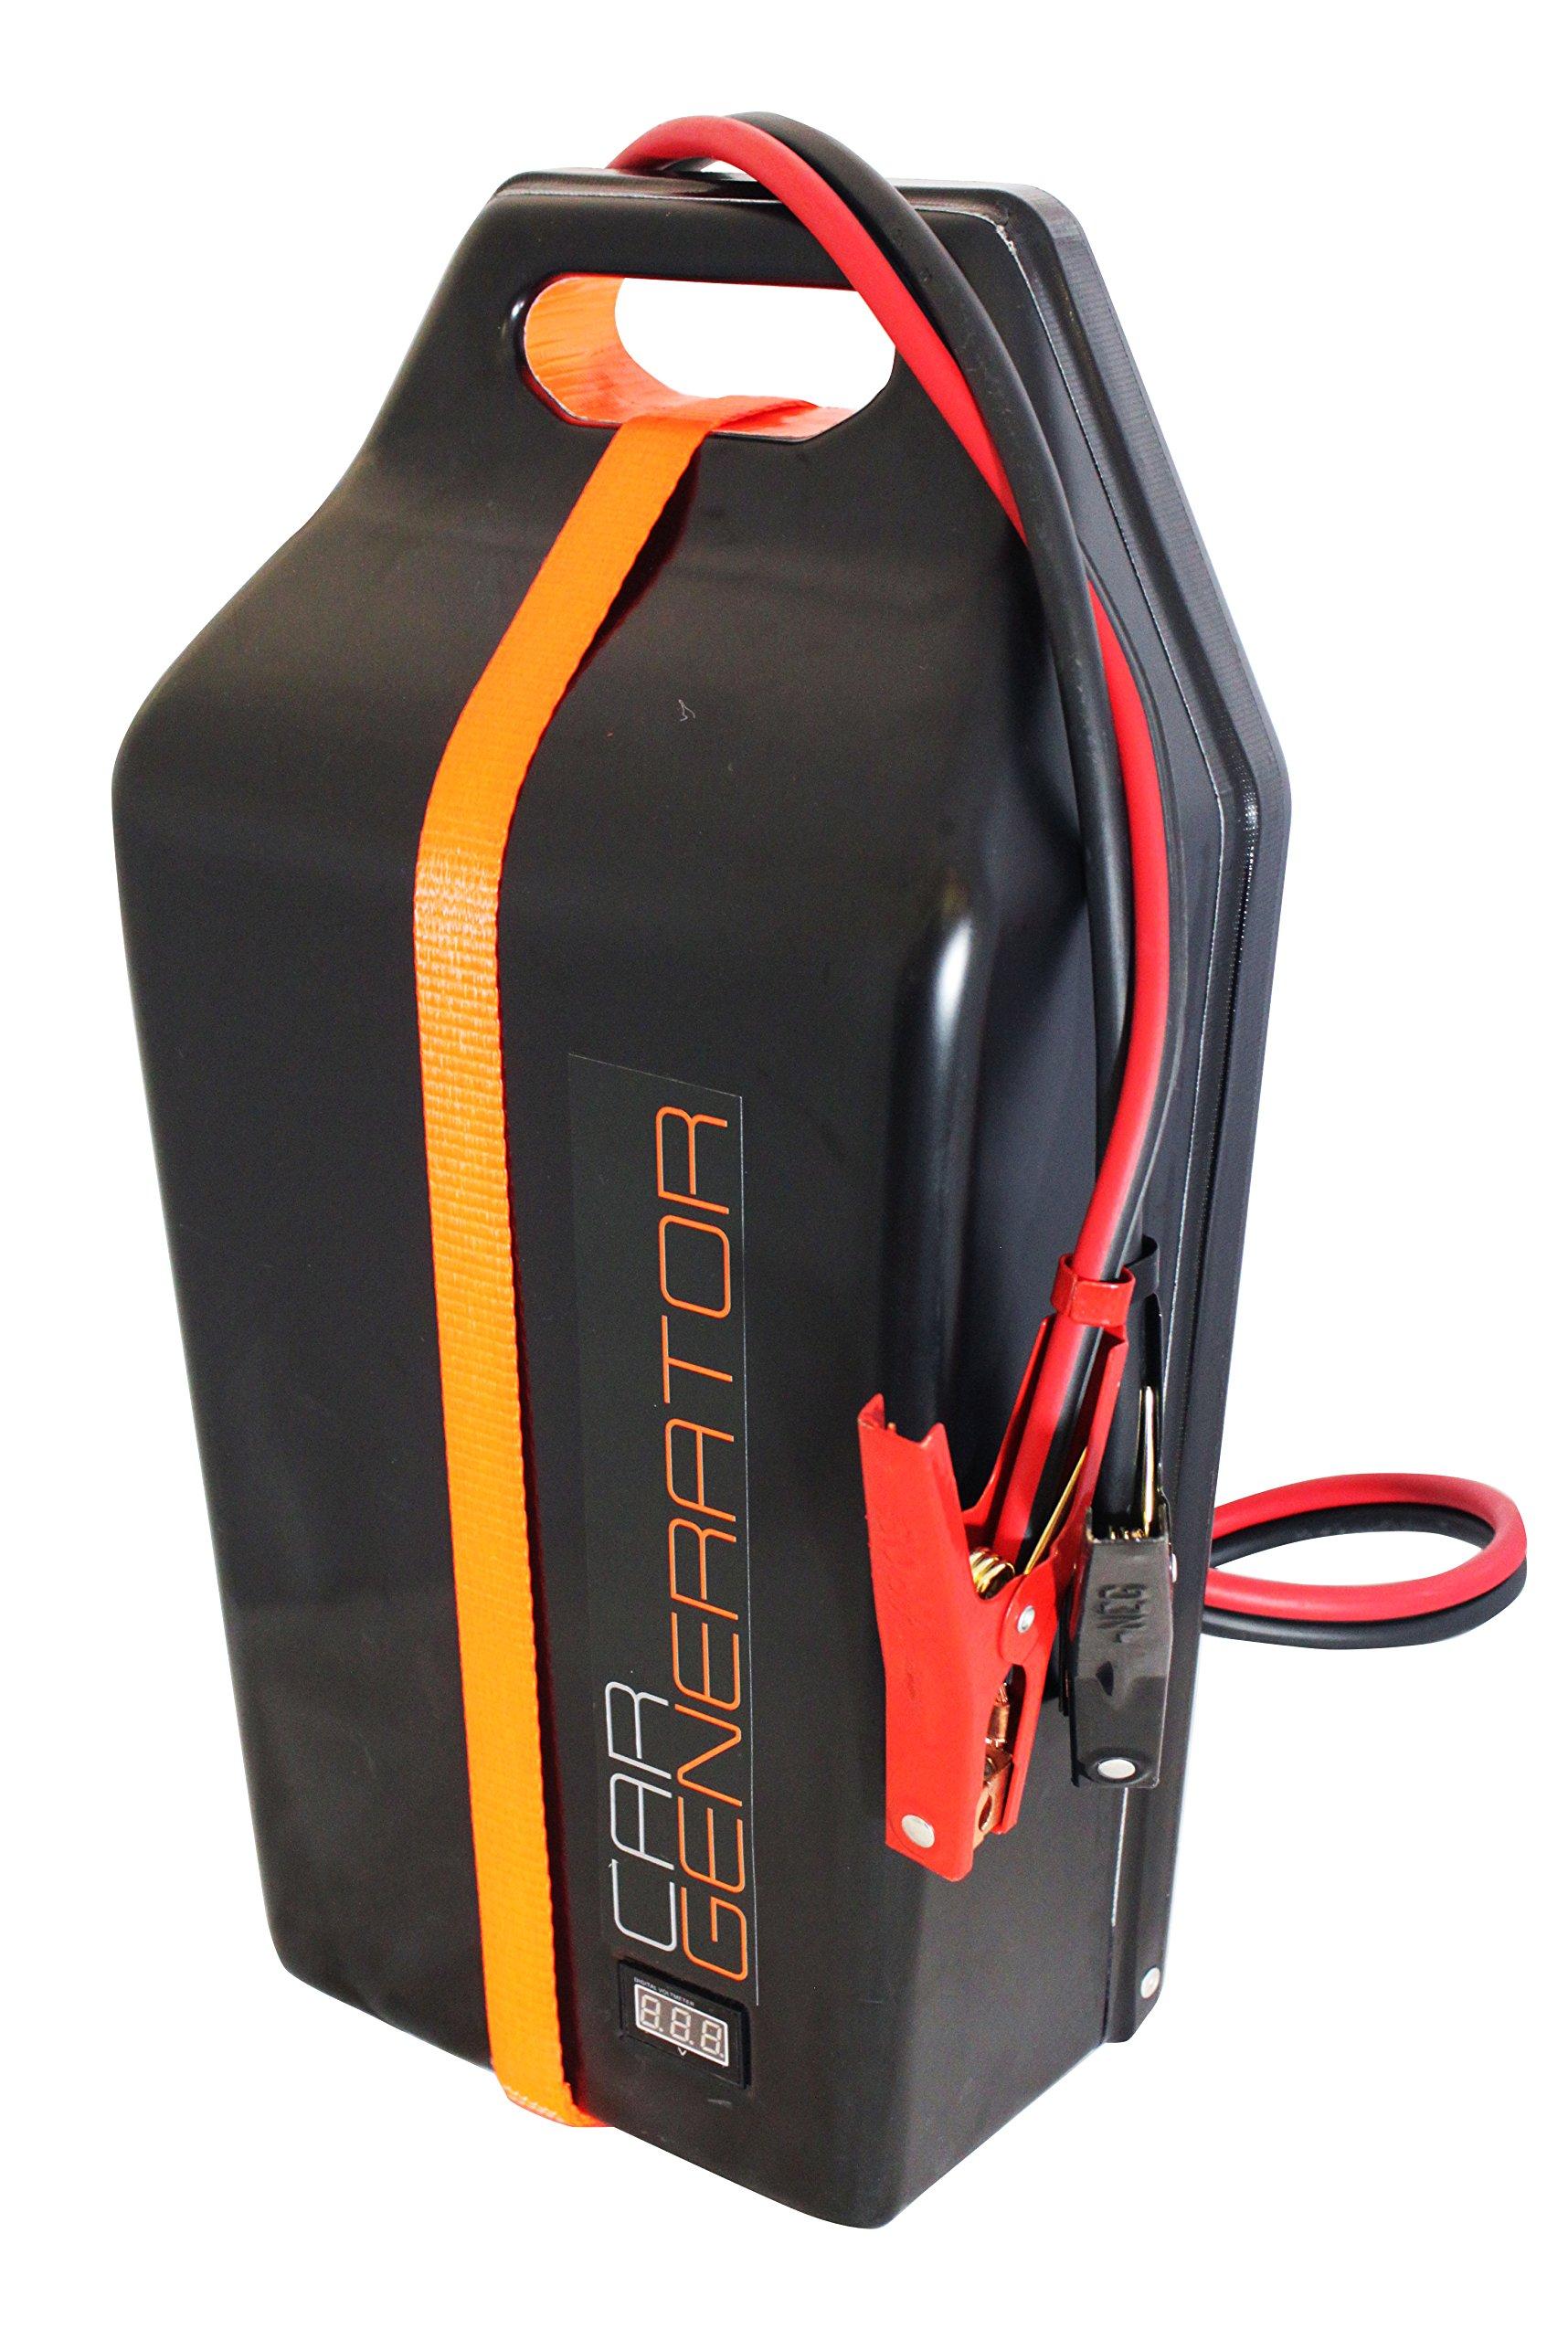 CarGenerator 1000 Watt Zero Maintenance Inverter Generator product image